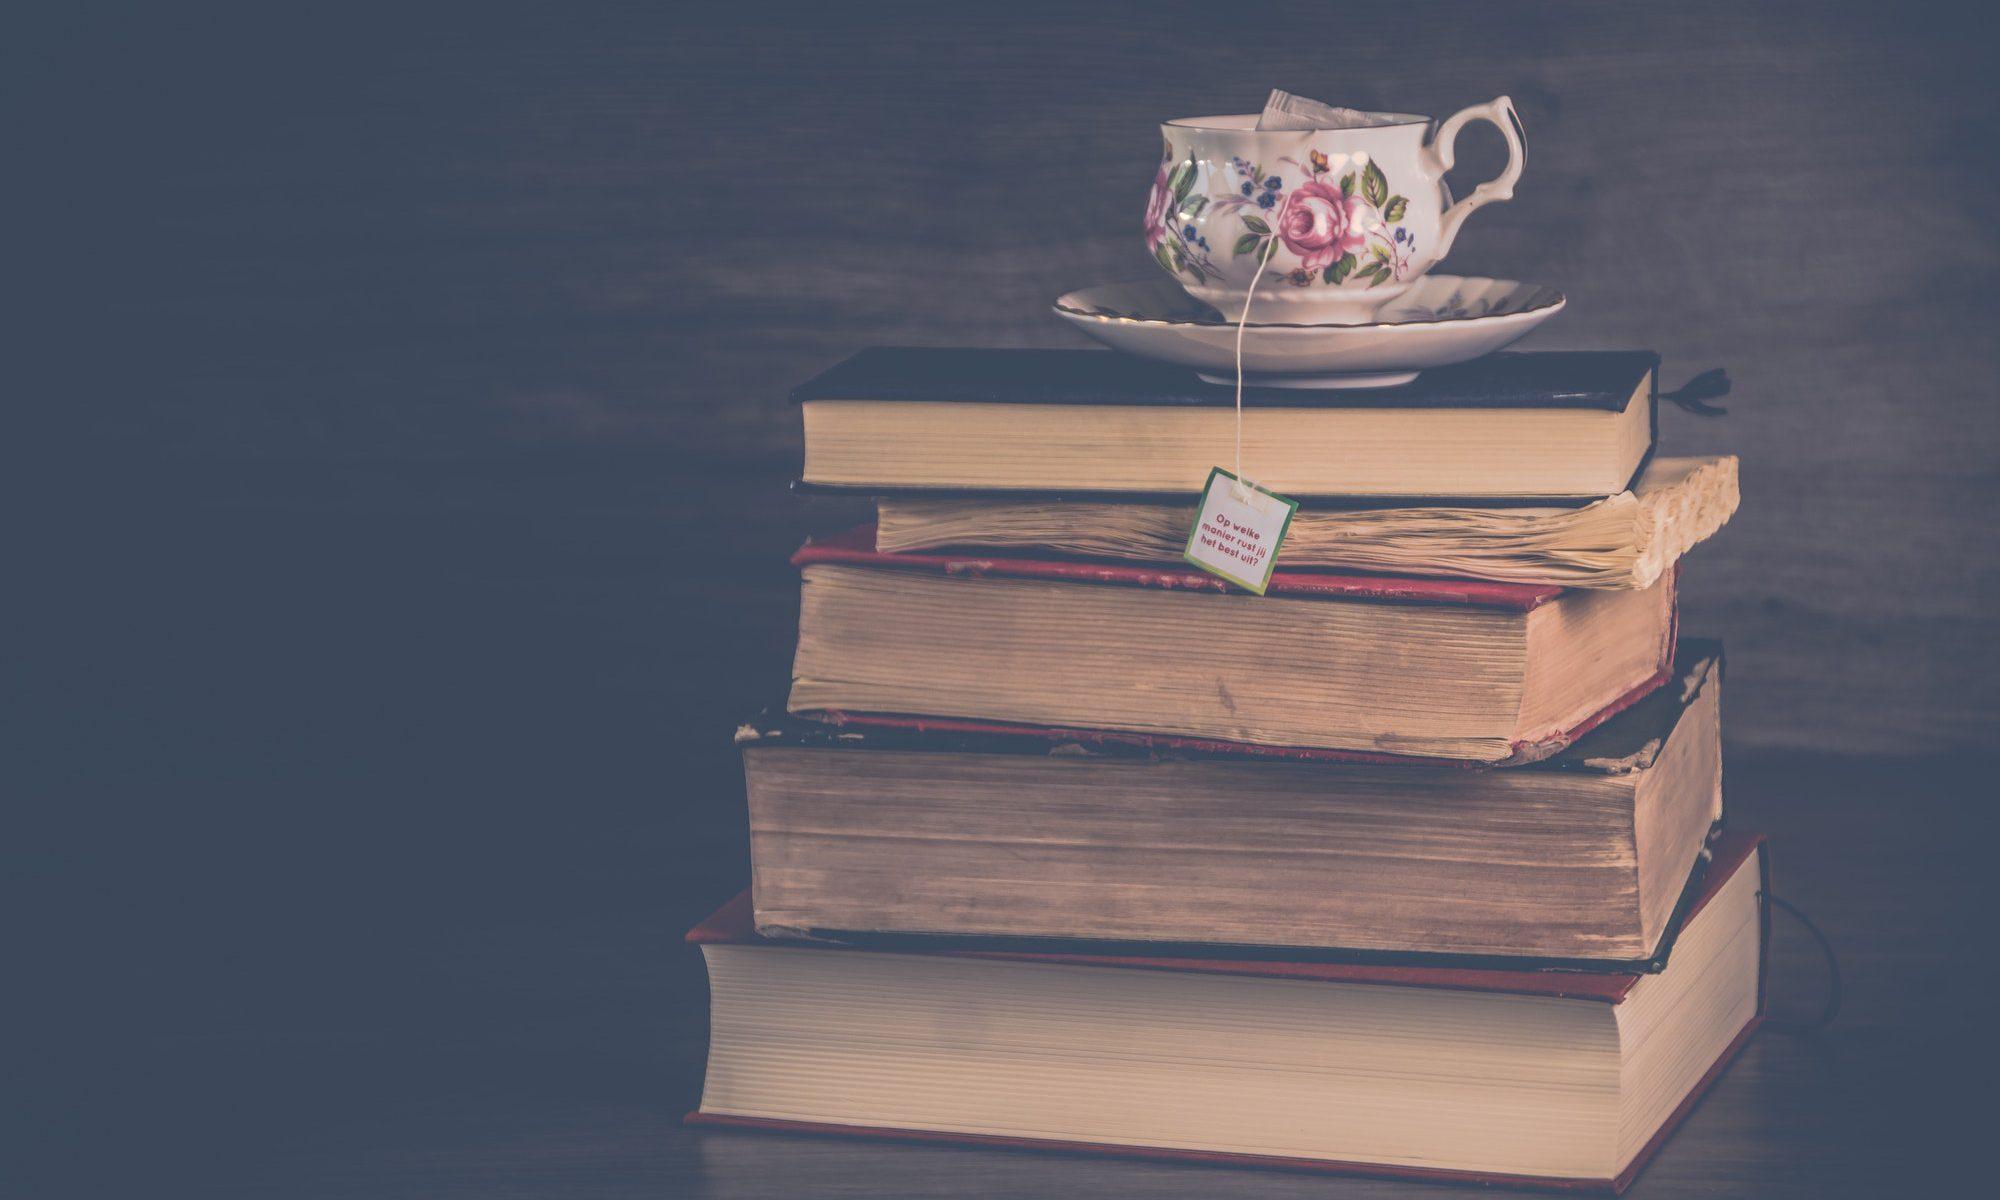 Livres et tasse de thé